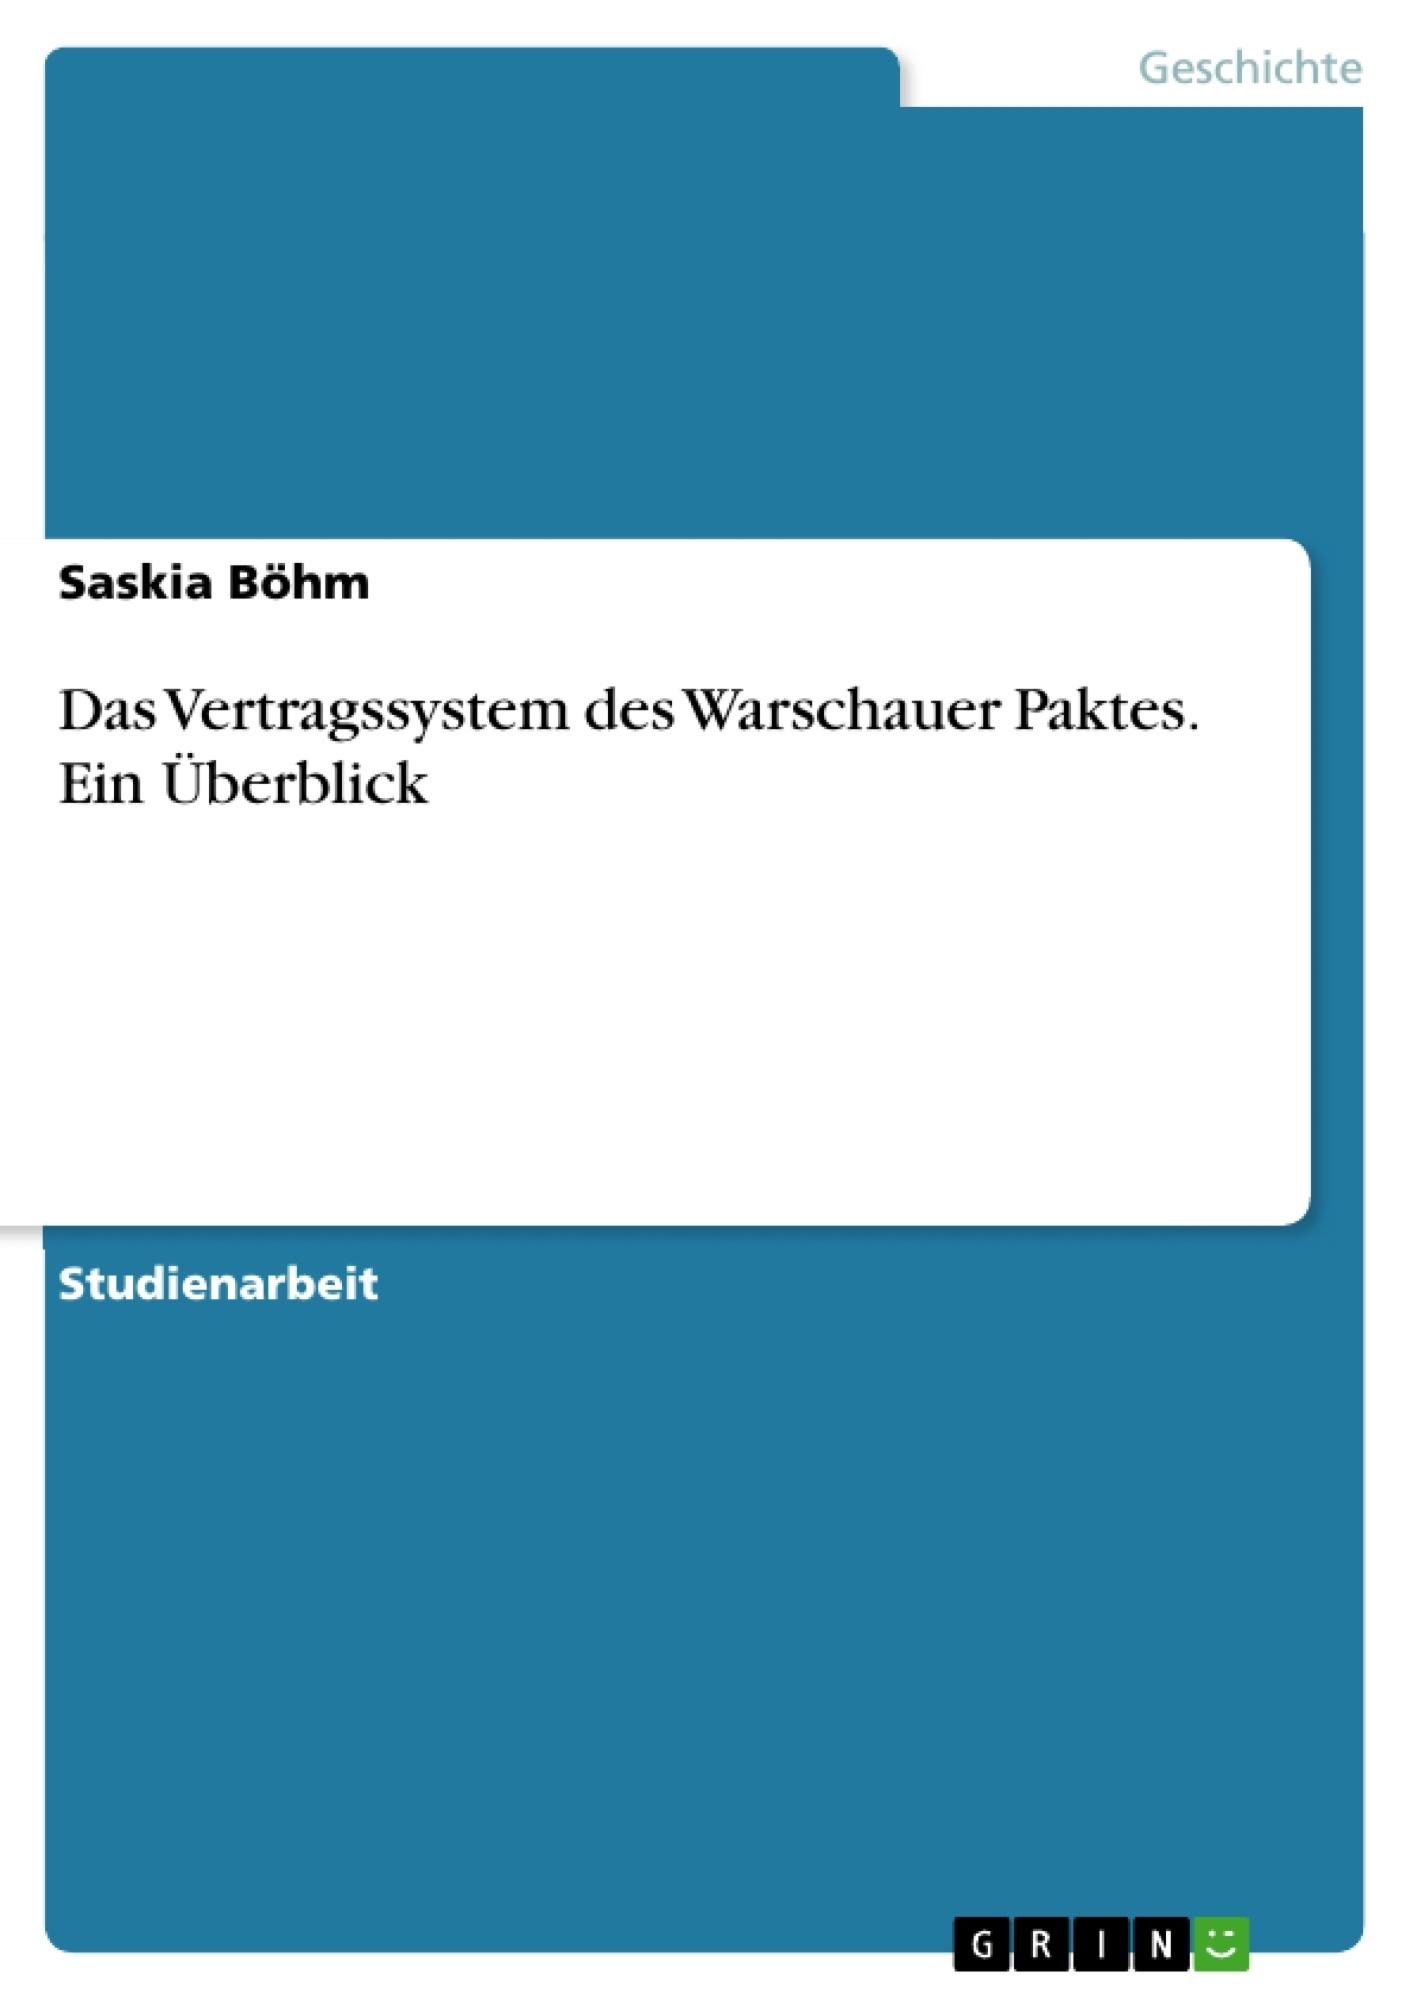 Titel: Das Vertragssystem des Warschauer Paktes. Ein Überblick